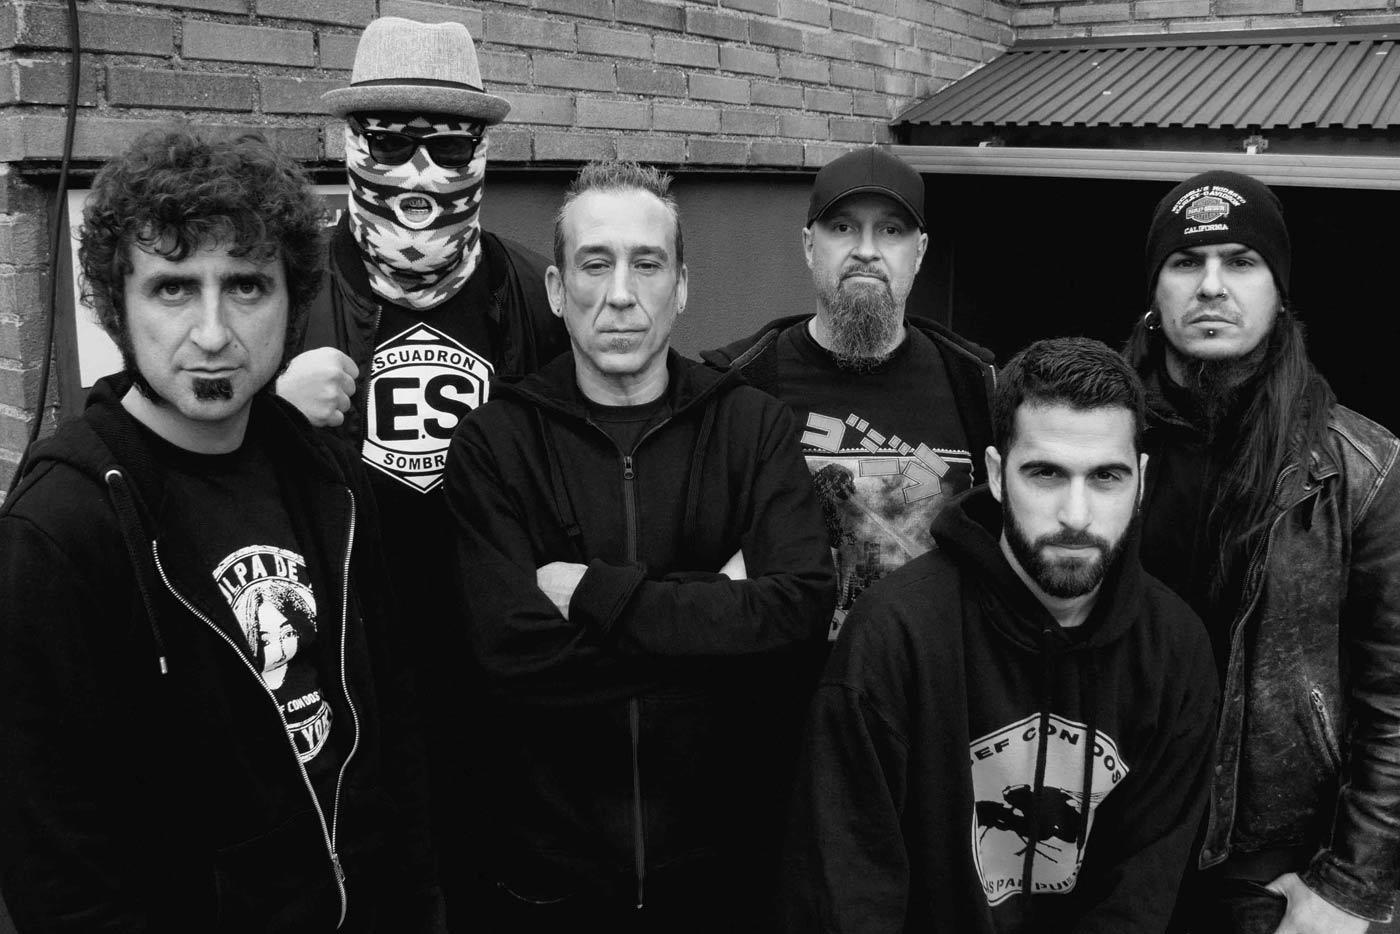 El Ayuntamiento de Madrid cancela el concierto de Def Con Dos en Tetuán